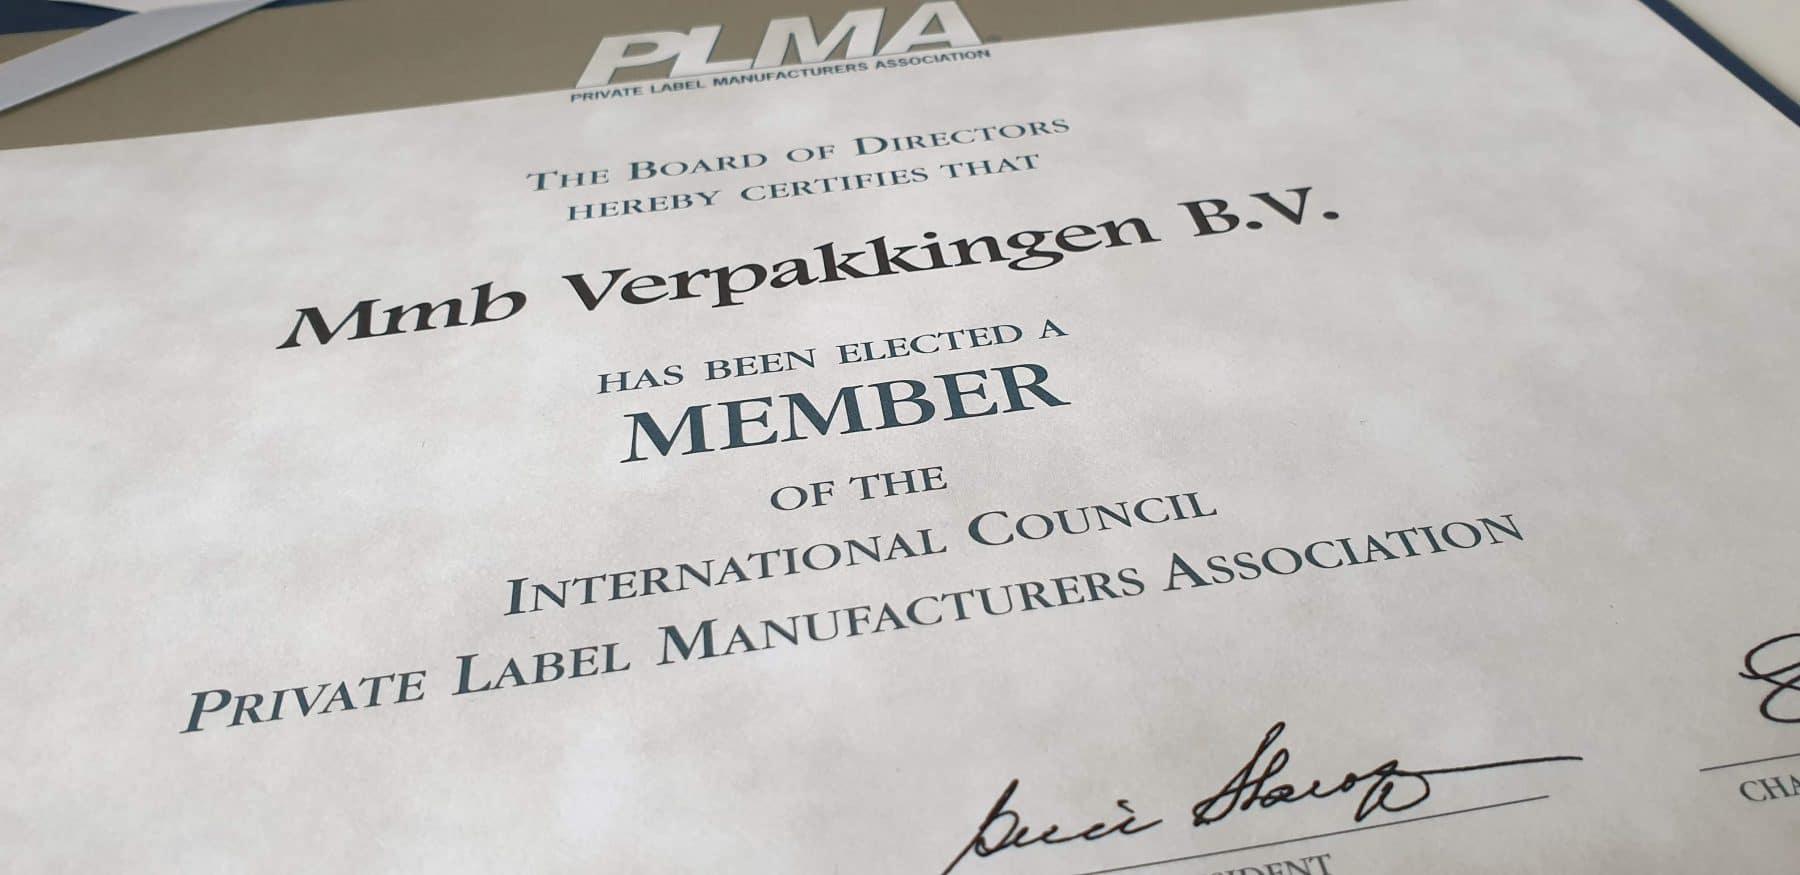 MMB-PLMA-Member